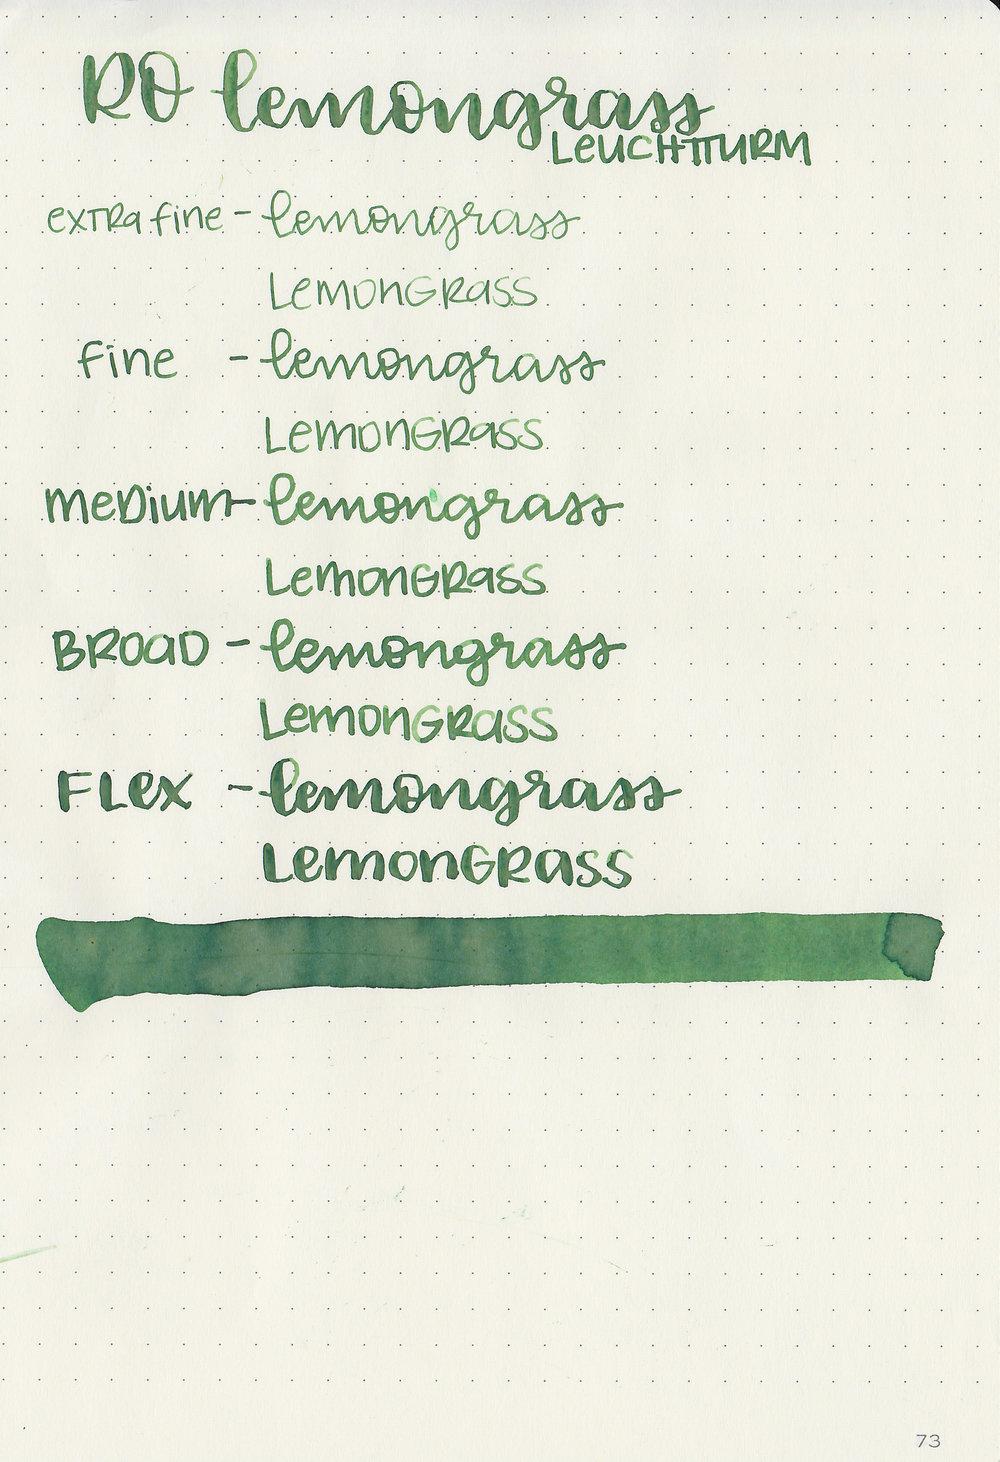 ro-lemon-grass-9.jpg